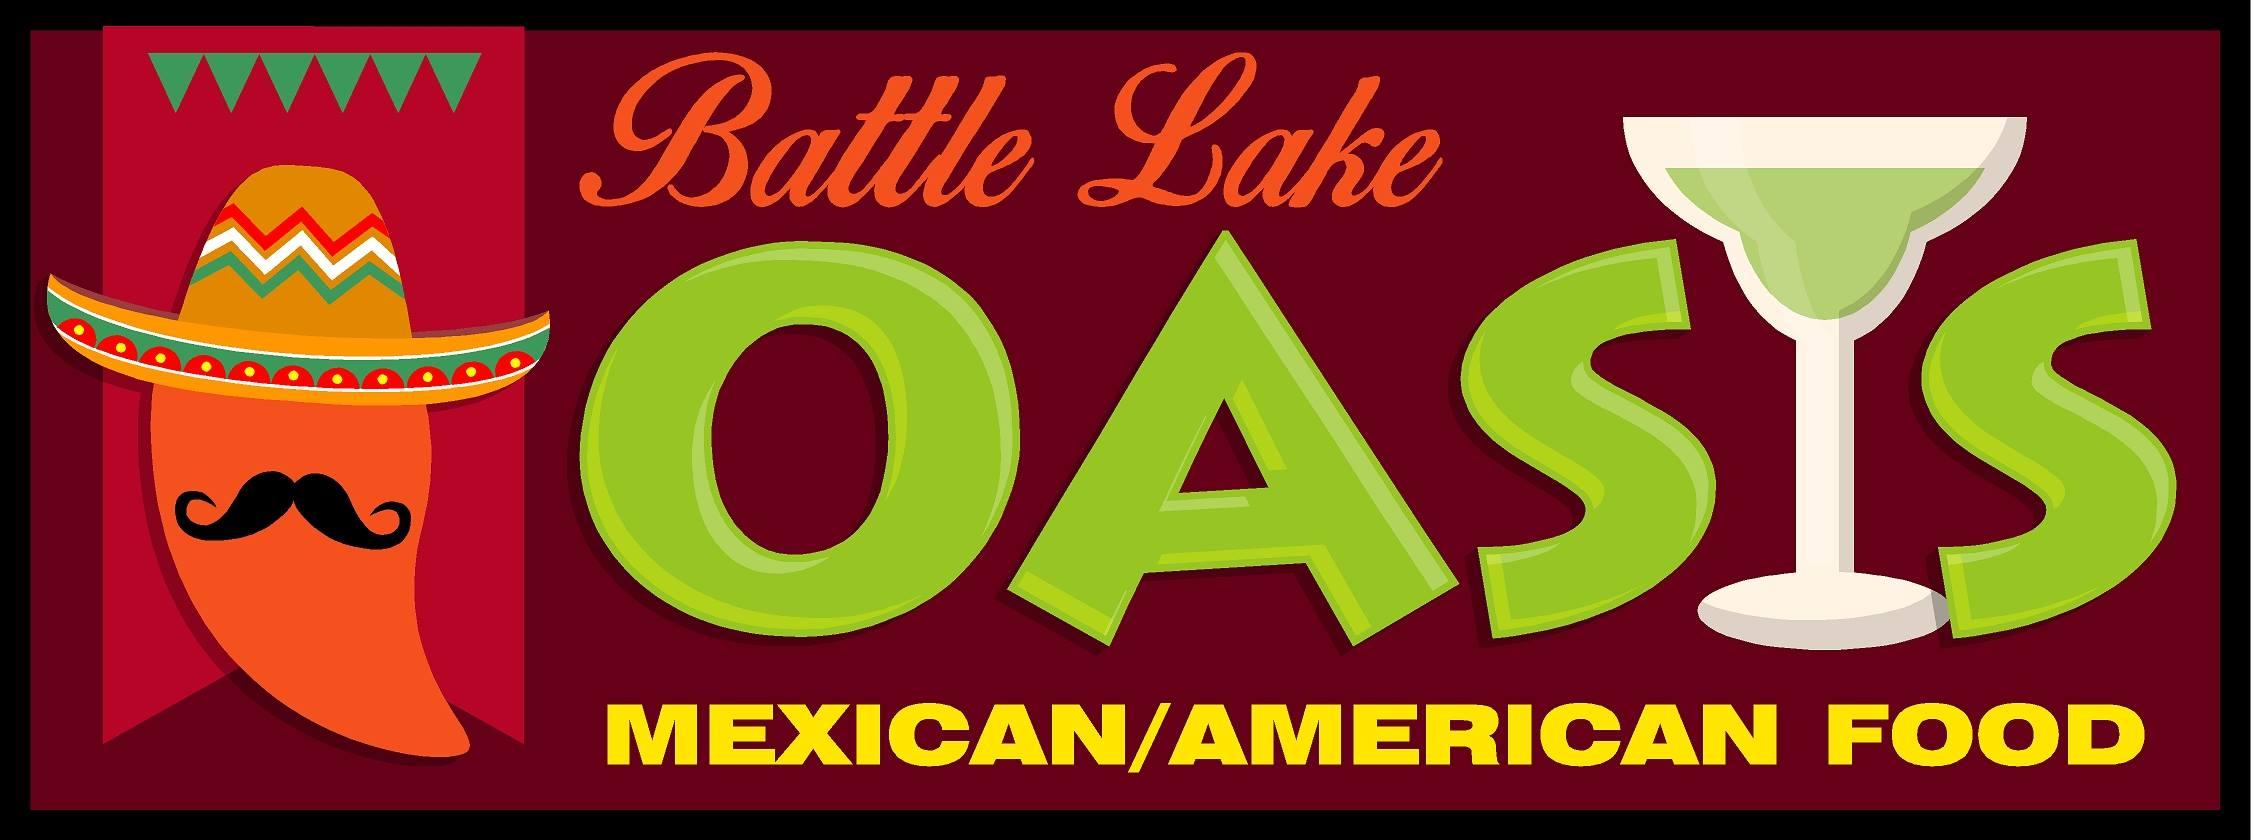 Battle Lake Oasis